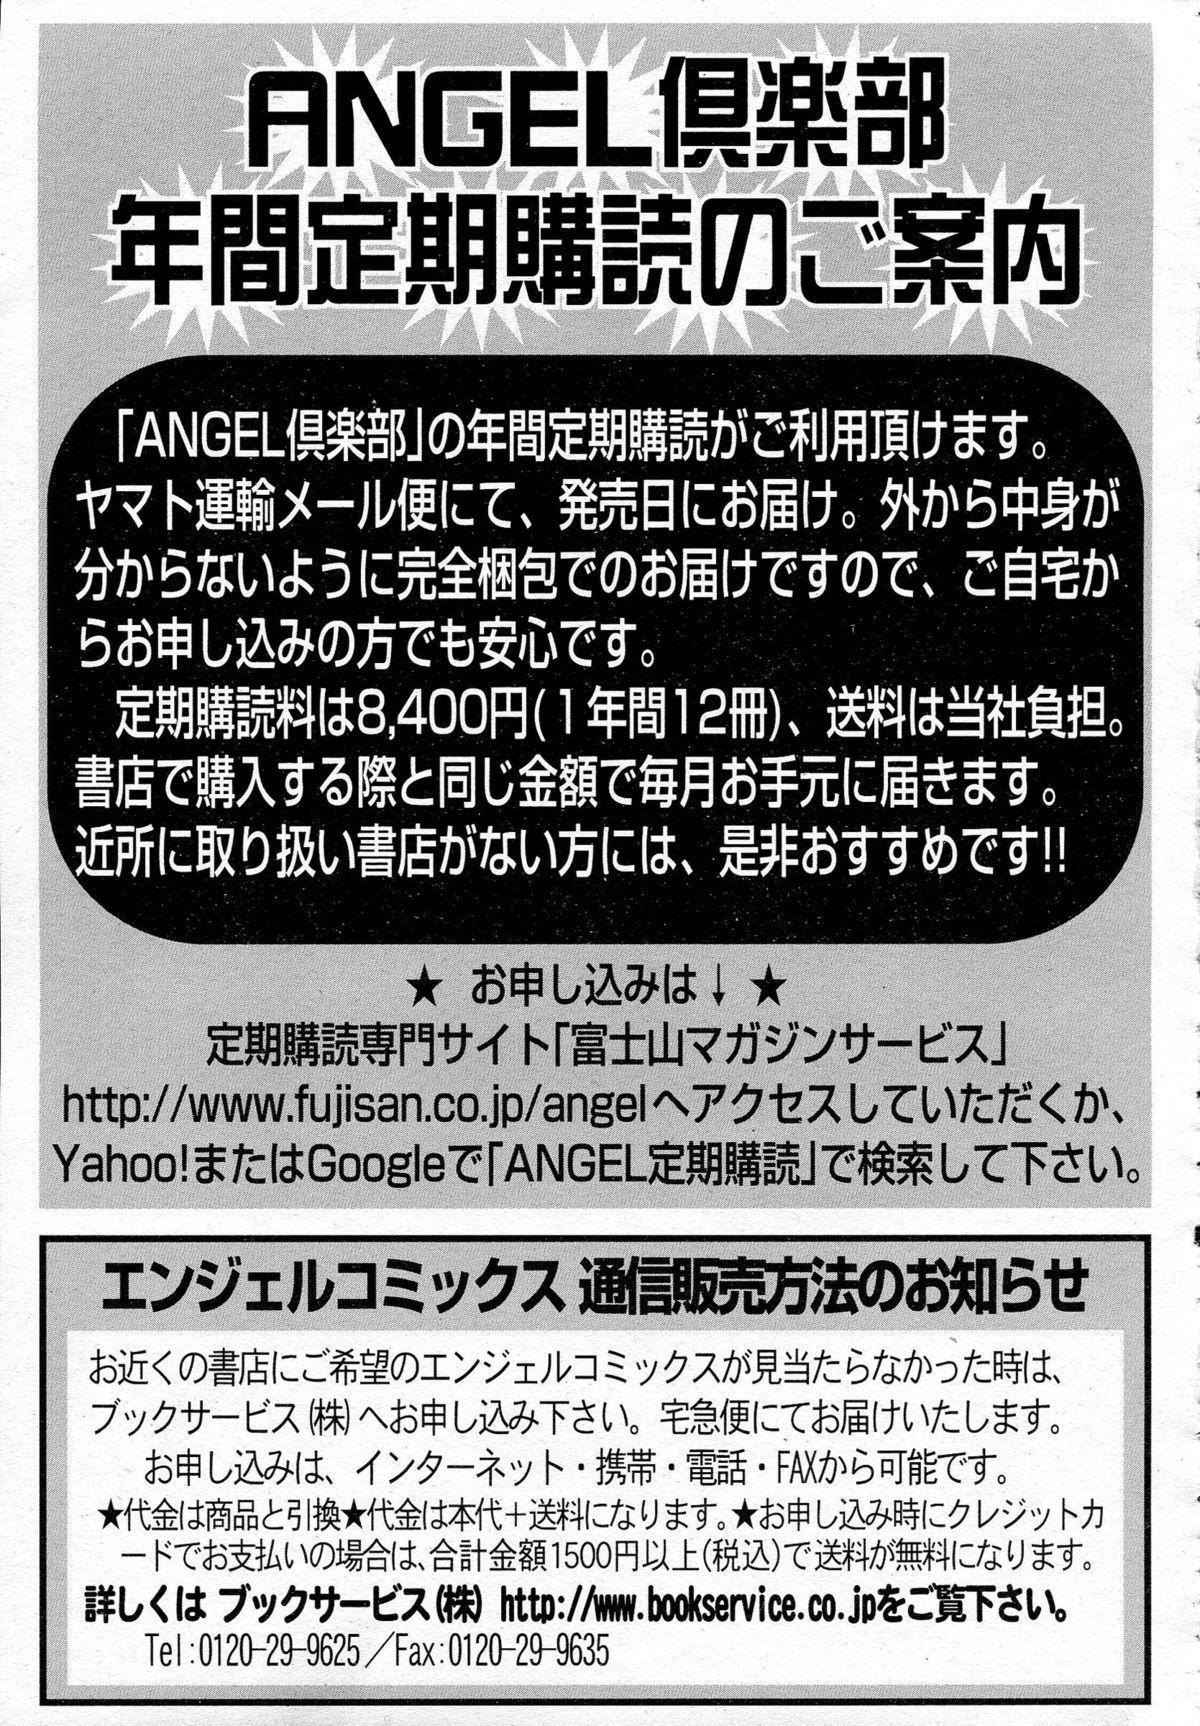 ANGEL Club 2015-07 452